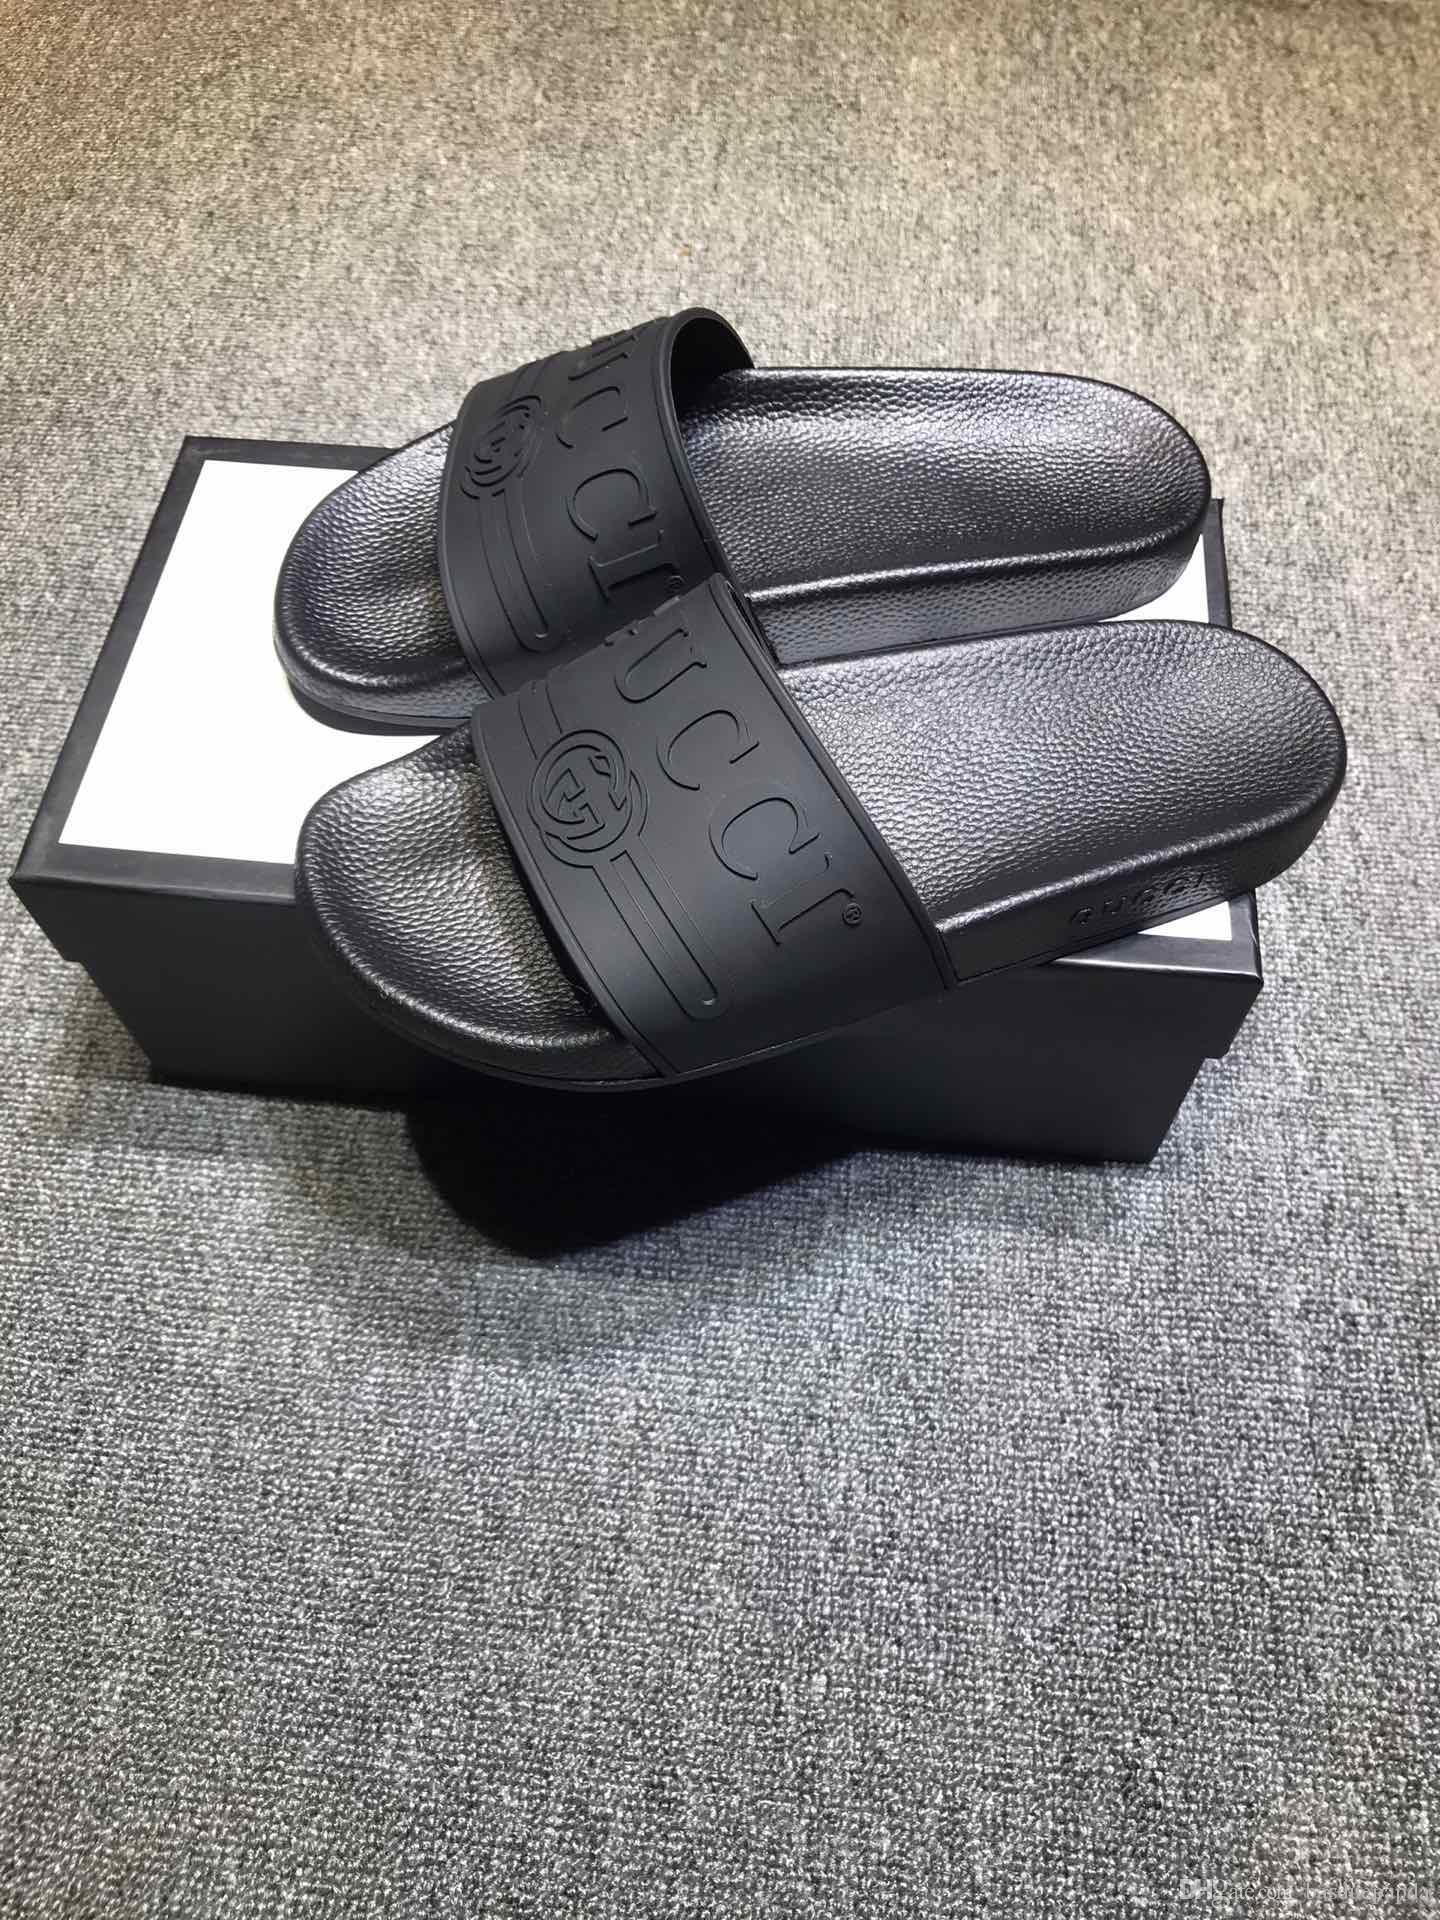 2020 nuevo color de lujo de París deslizadores para mujer para hombre sandalias del verano de la playa de diapositivas Zapatillas señoras de las chancletas de los holgazanes del cielo azul Chaussures